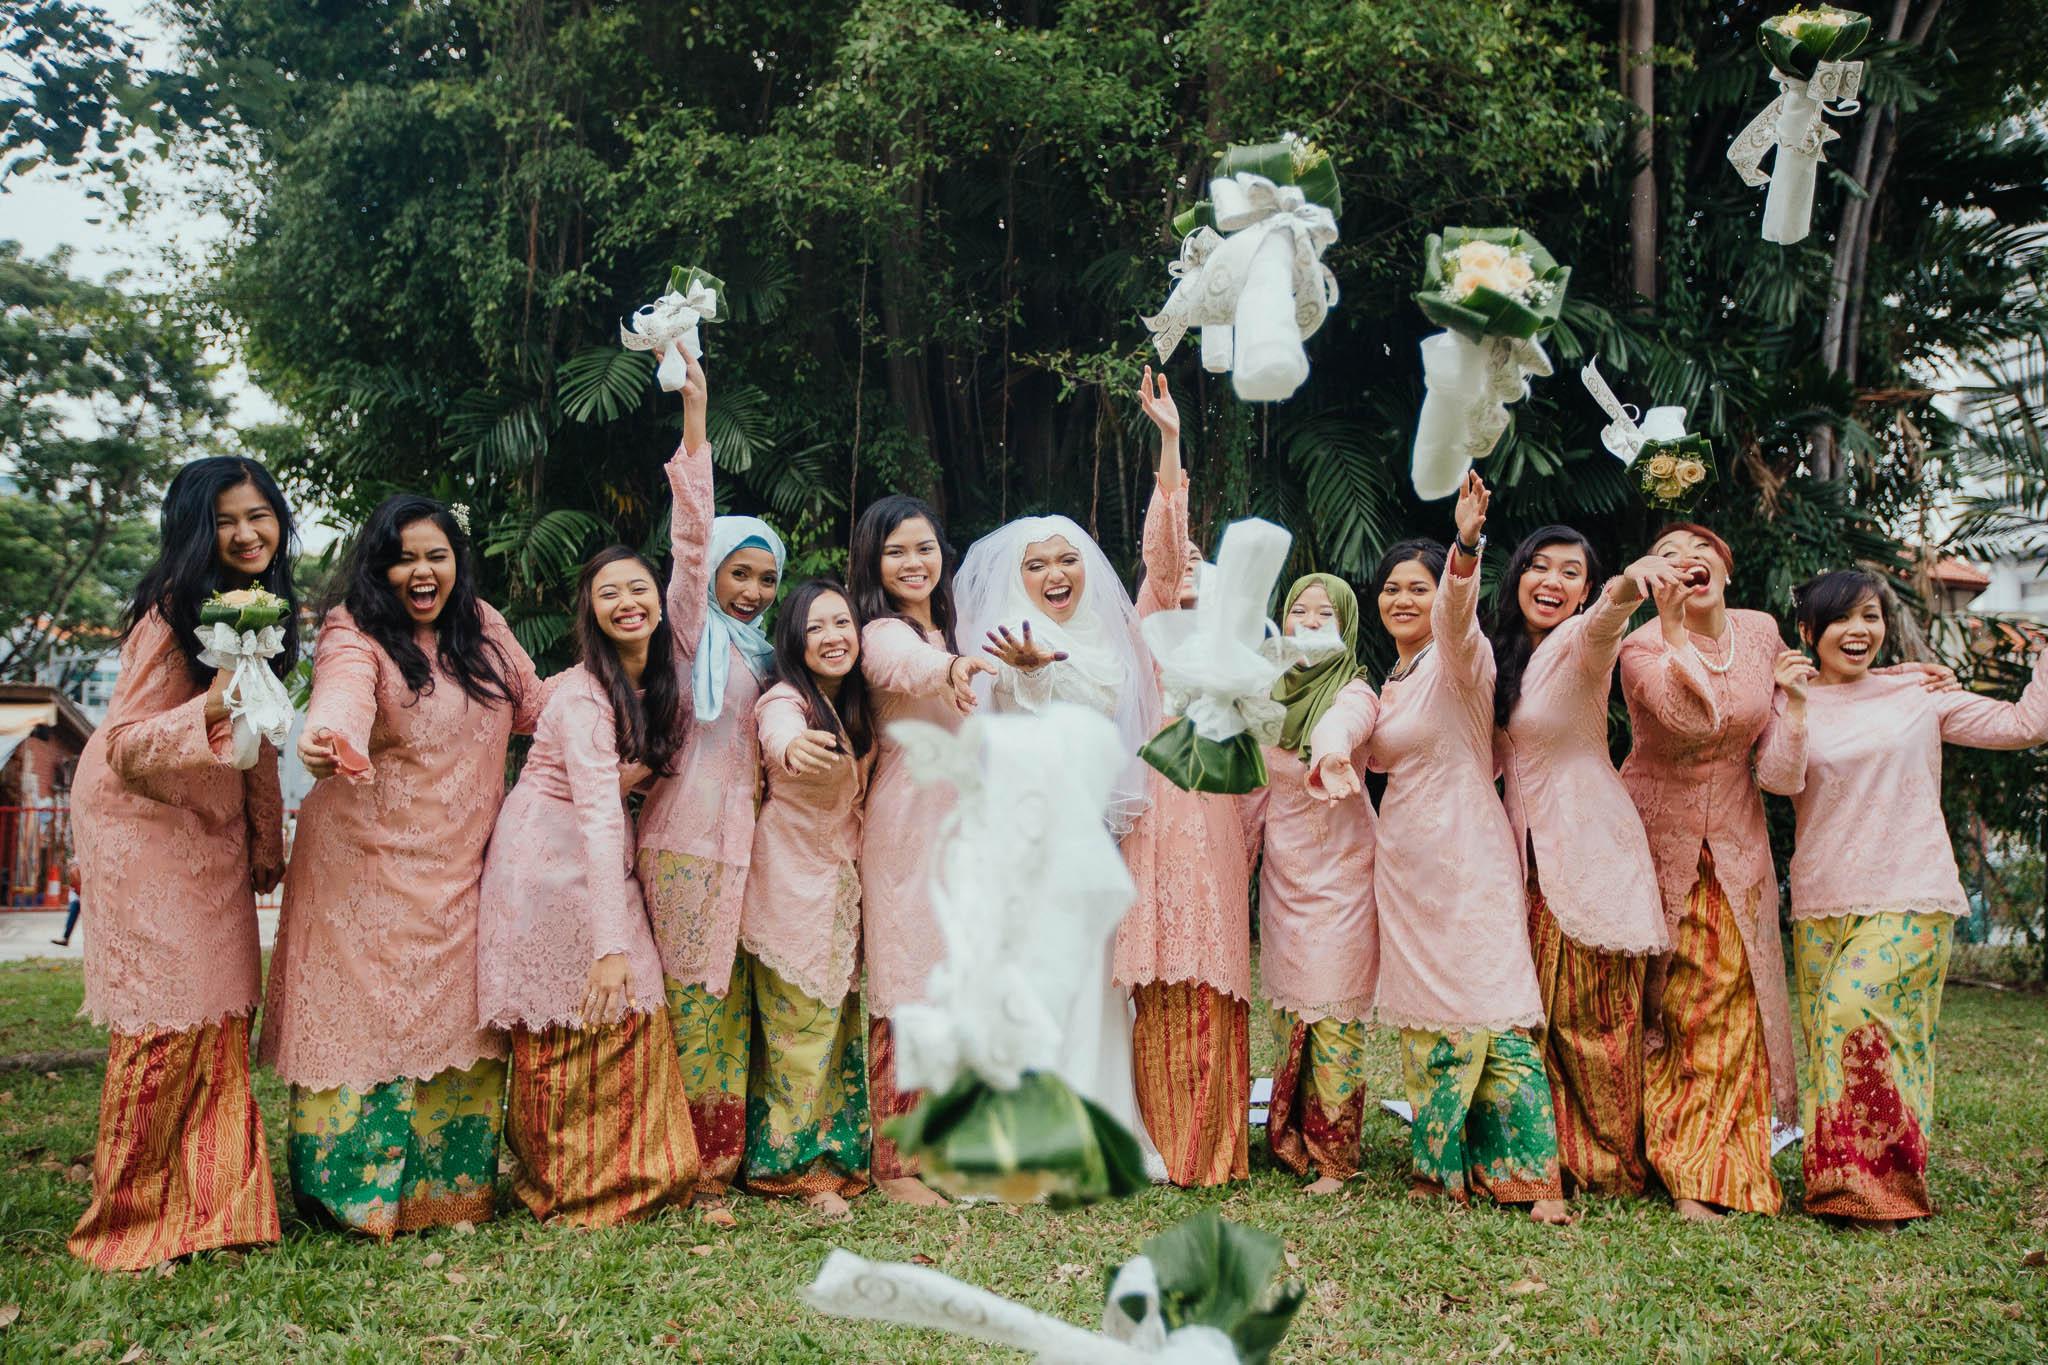 singapore-wedding-photographer-travel-wemadethese-atara-hafizah-67.jpg